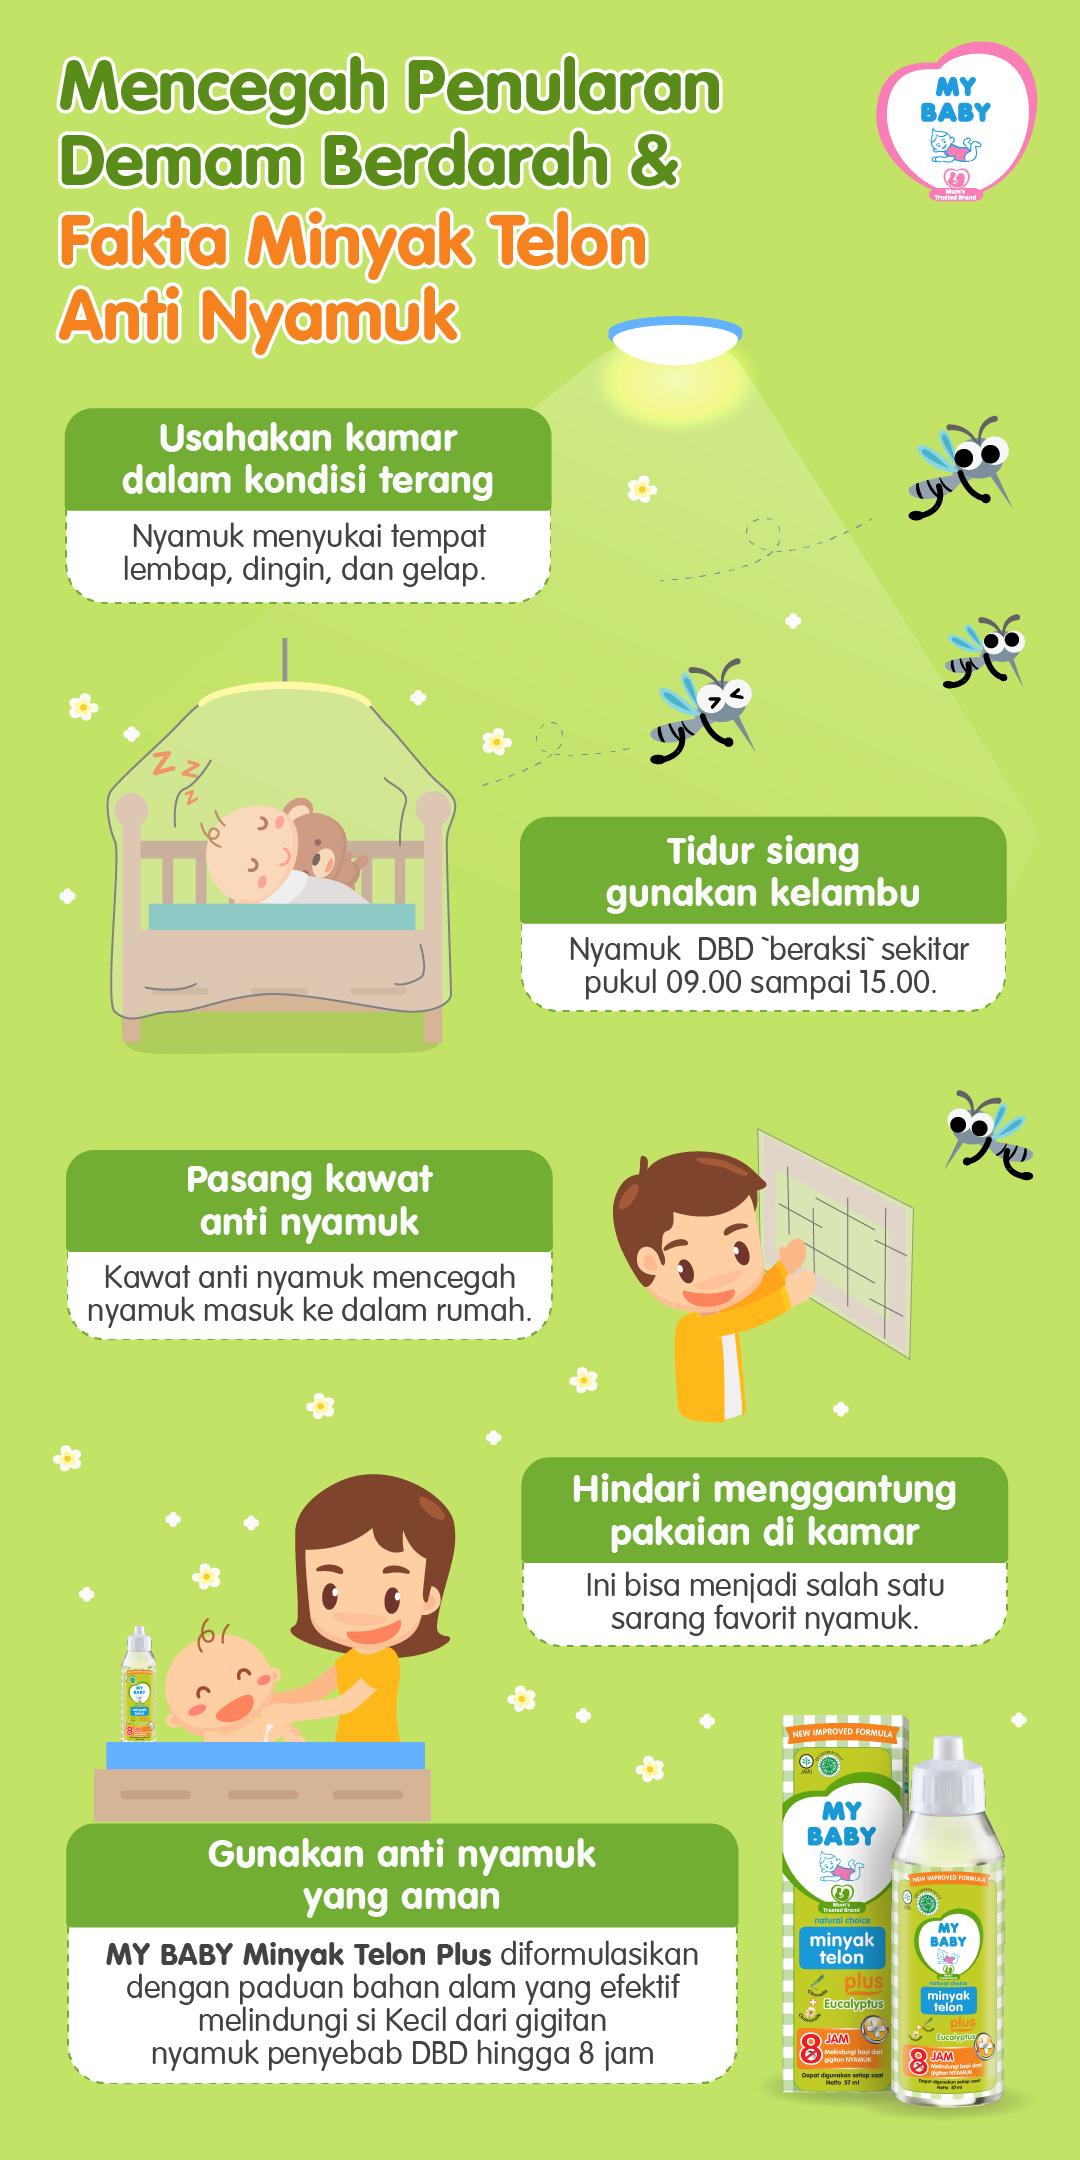 Mencegah Penularan Demam Berdarah & Fakta Minyak Telon Anti Nyamuk